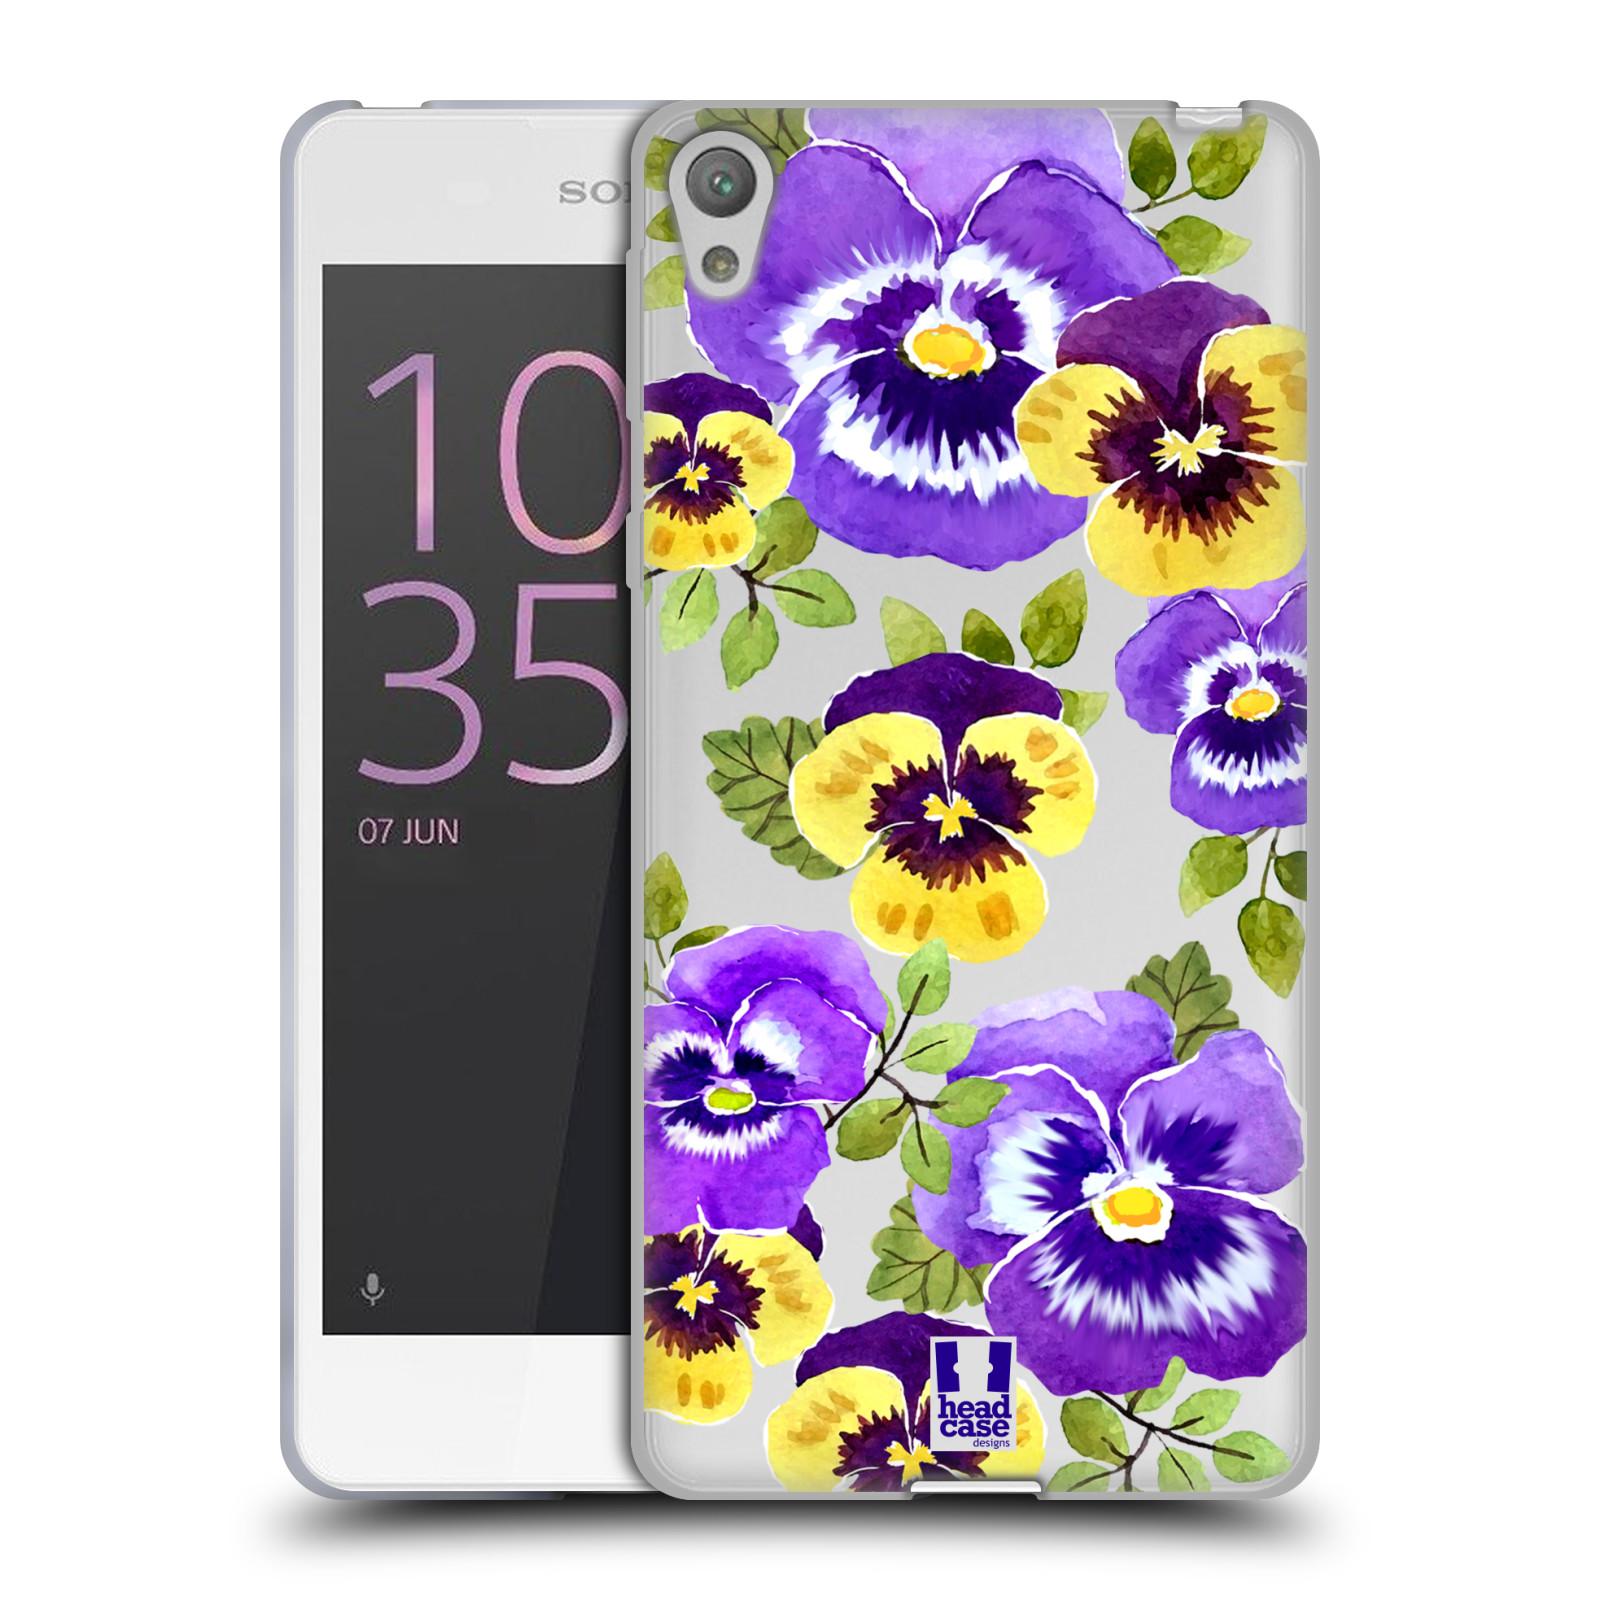 HEAD CASE silikonový obal na mobil Sony Xperia E5 Maceška fialová barva